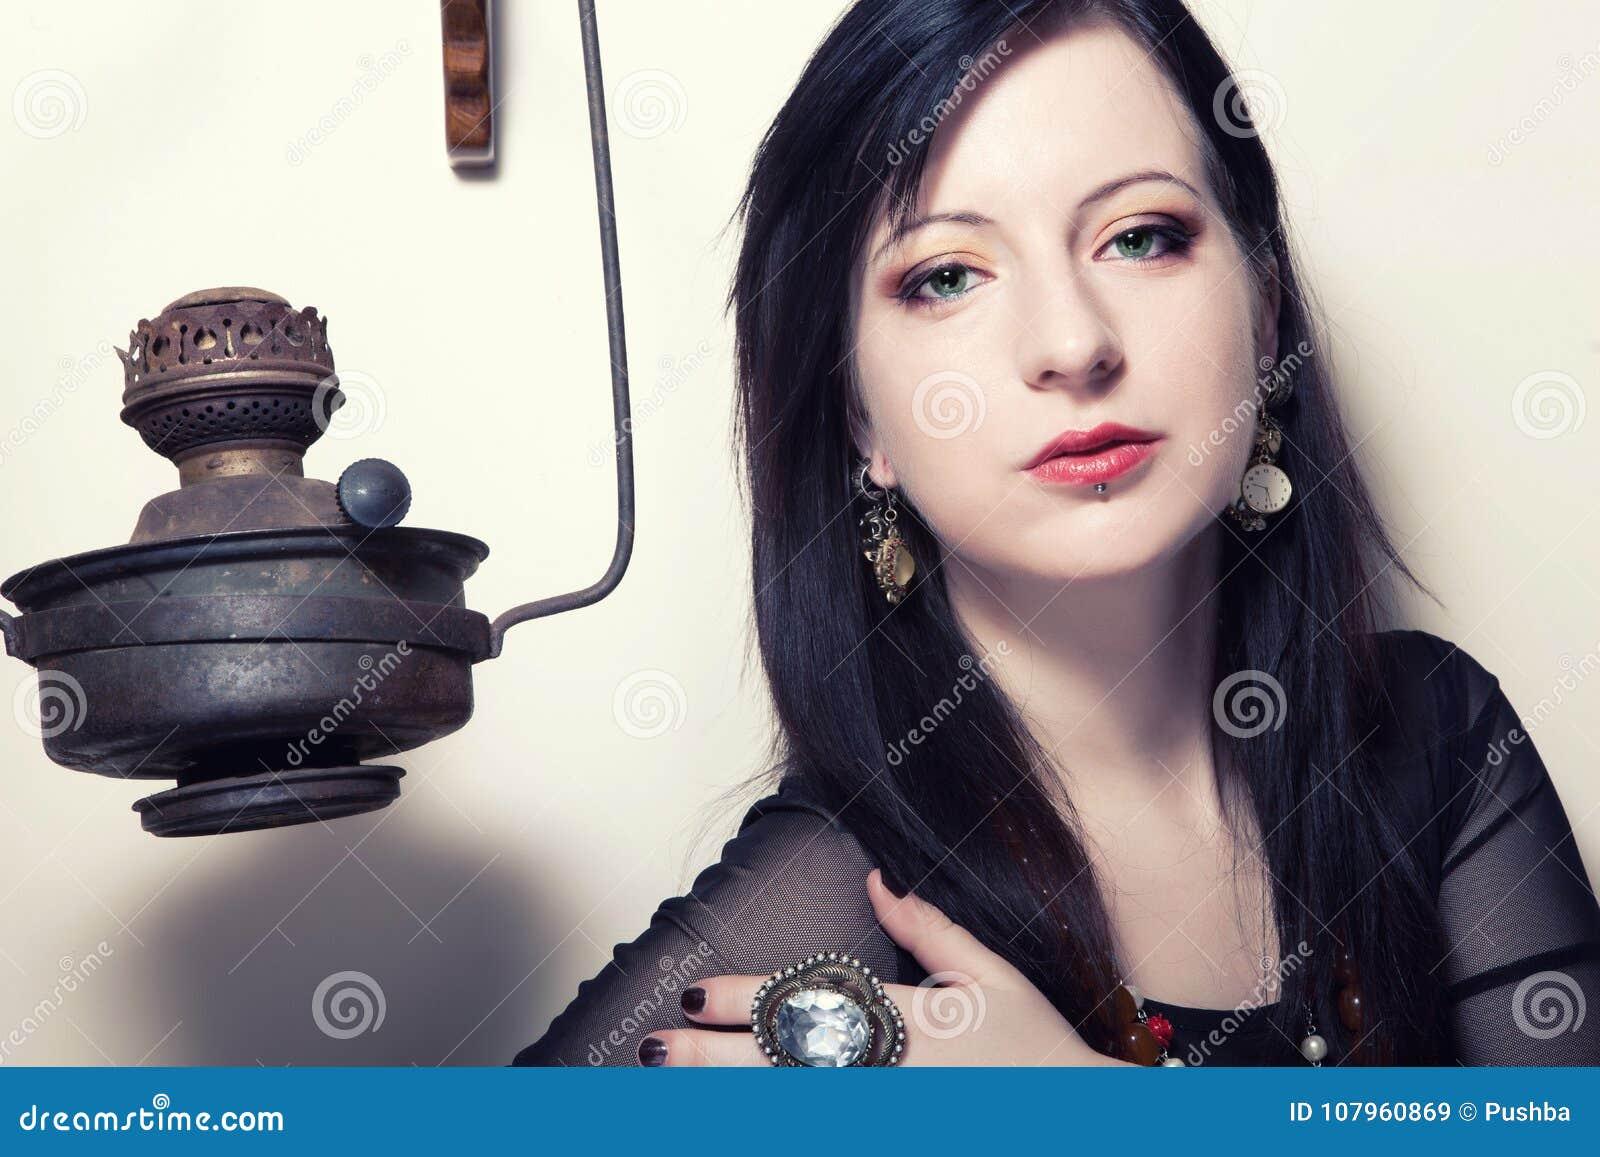 O retrato de uma menina polonesa bonita nova com olhos verdes vestiu-se em um espartilho na perspectiva de um moedor de café do v